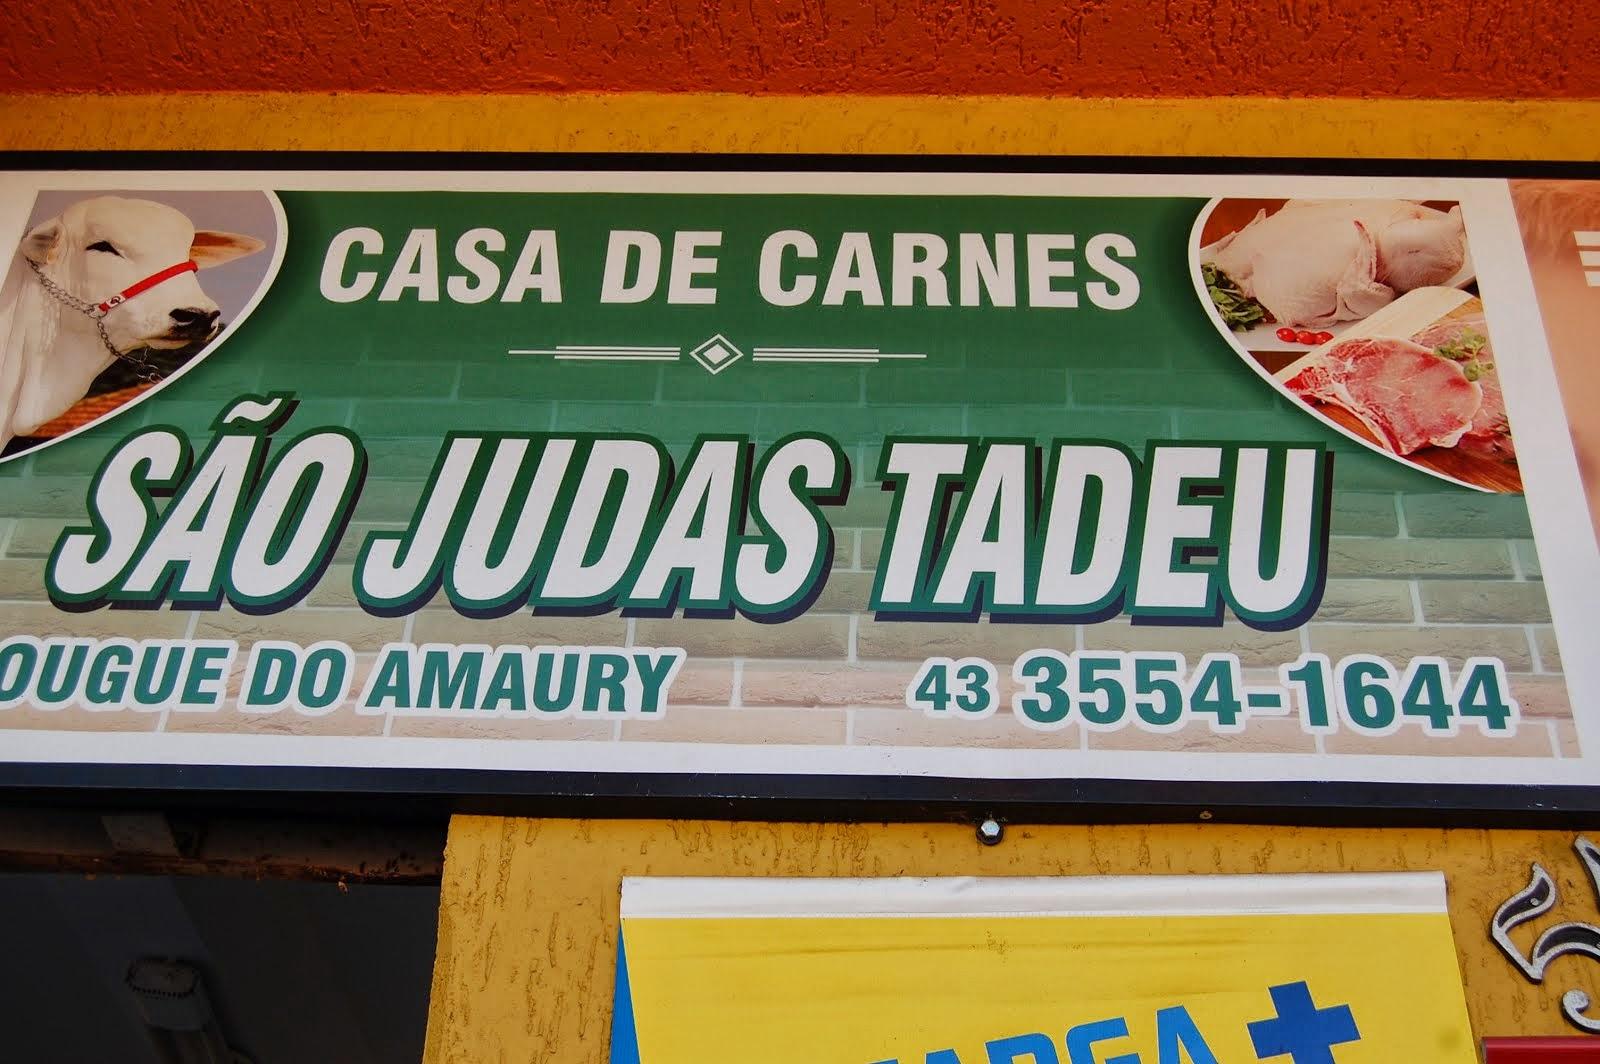 CASA DE CARNES SÃO JUDAS TADEU( AÇOUGUE DO AMAURY..